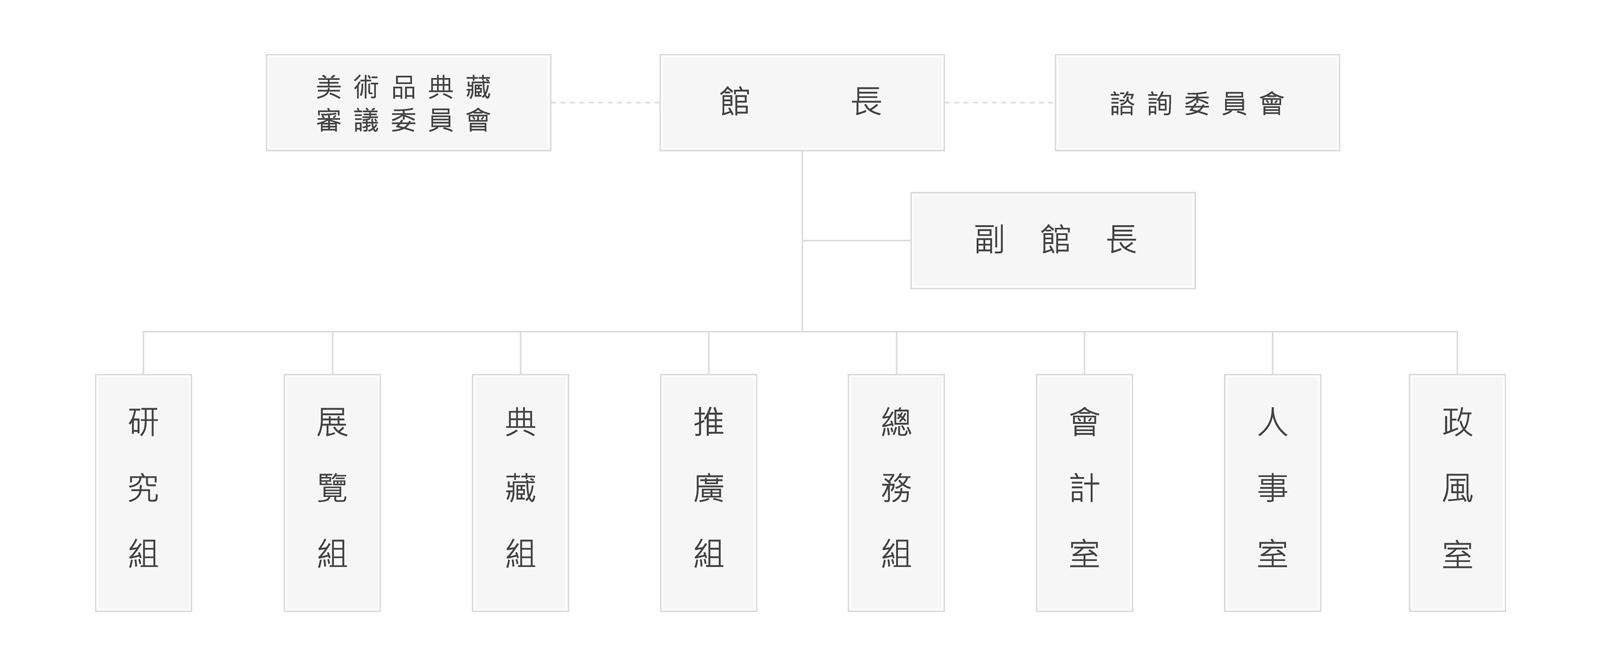 臺北市立美術館-組織架構圖